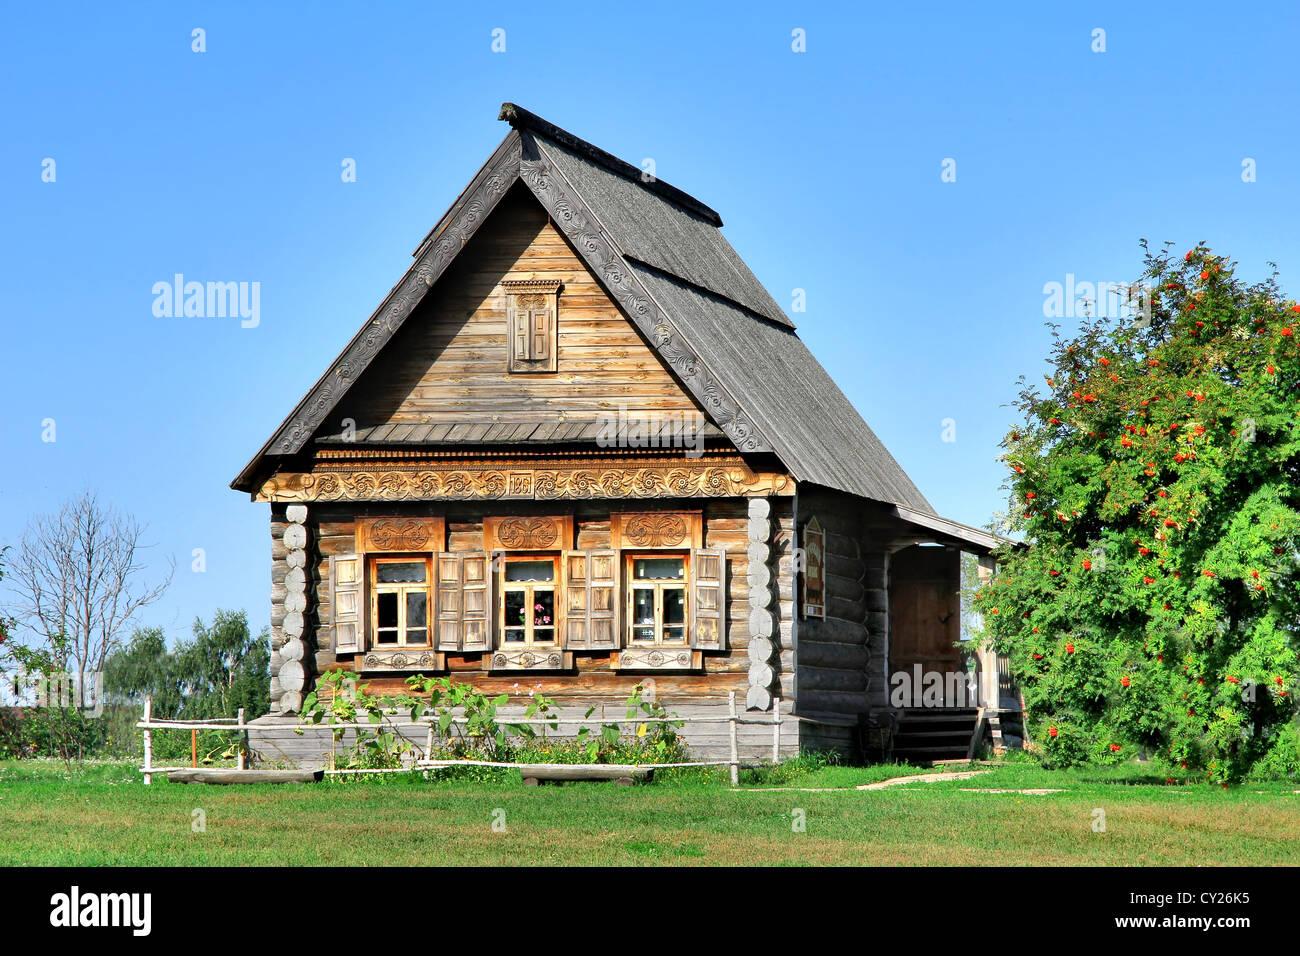 Beeindruckend Russisches Holzhaus Referenz Von Russische Nationale Izba